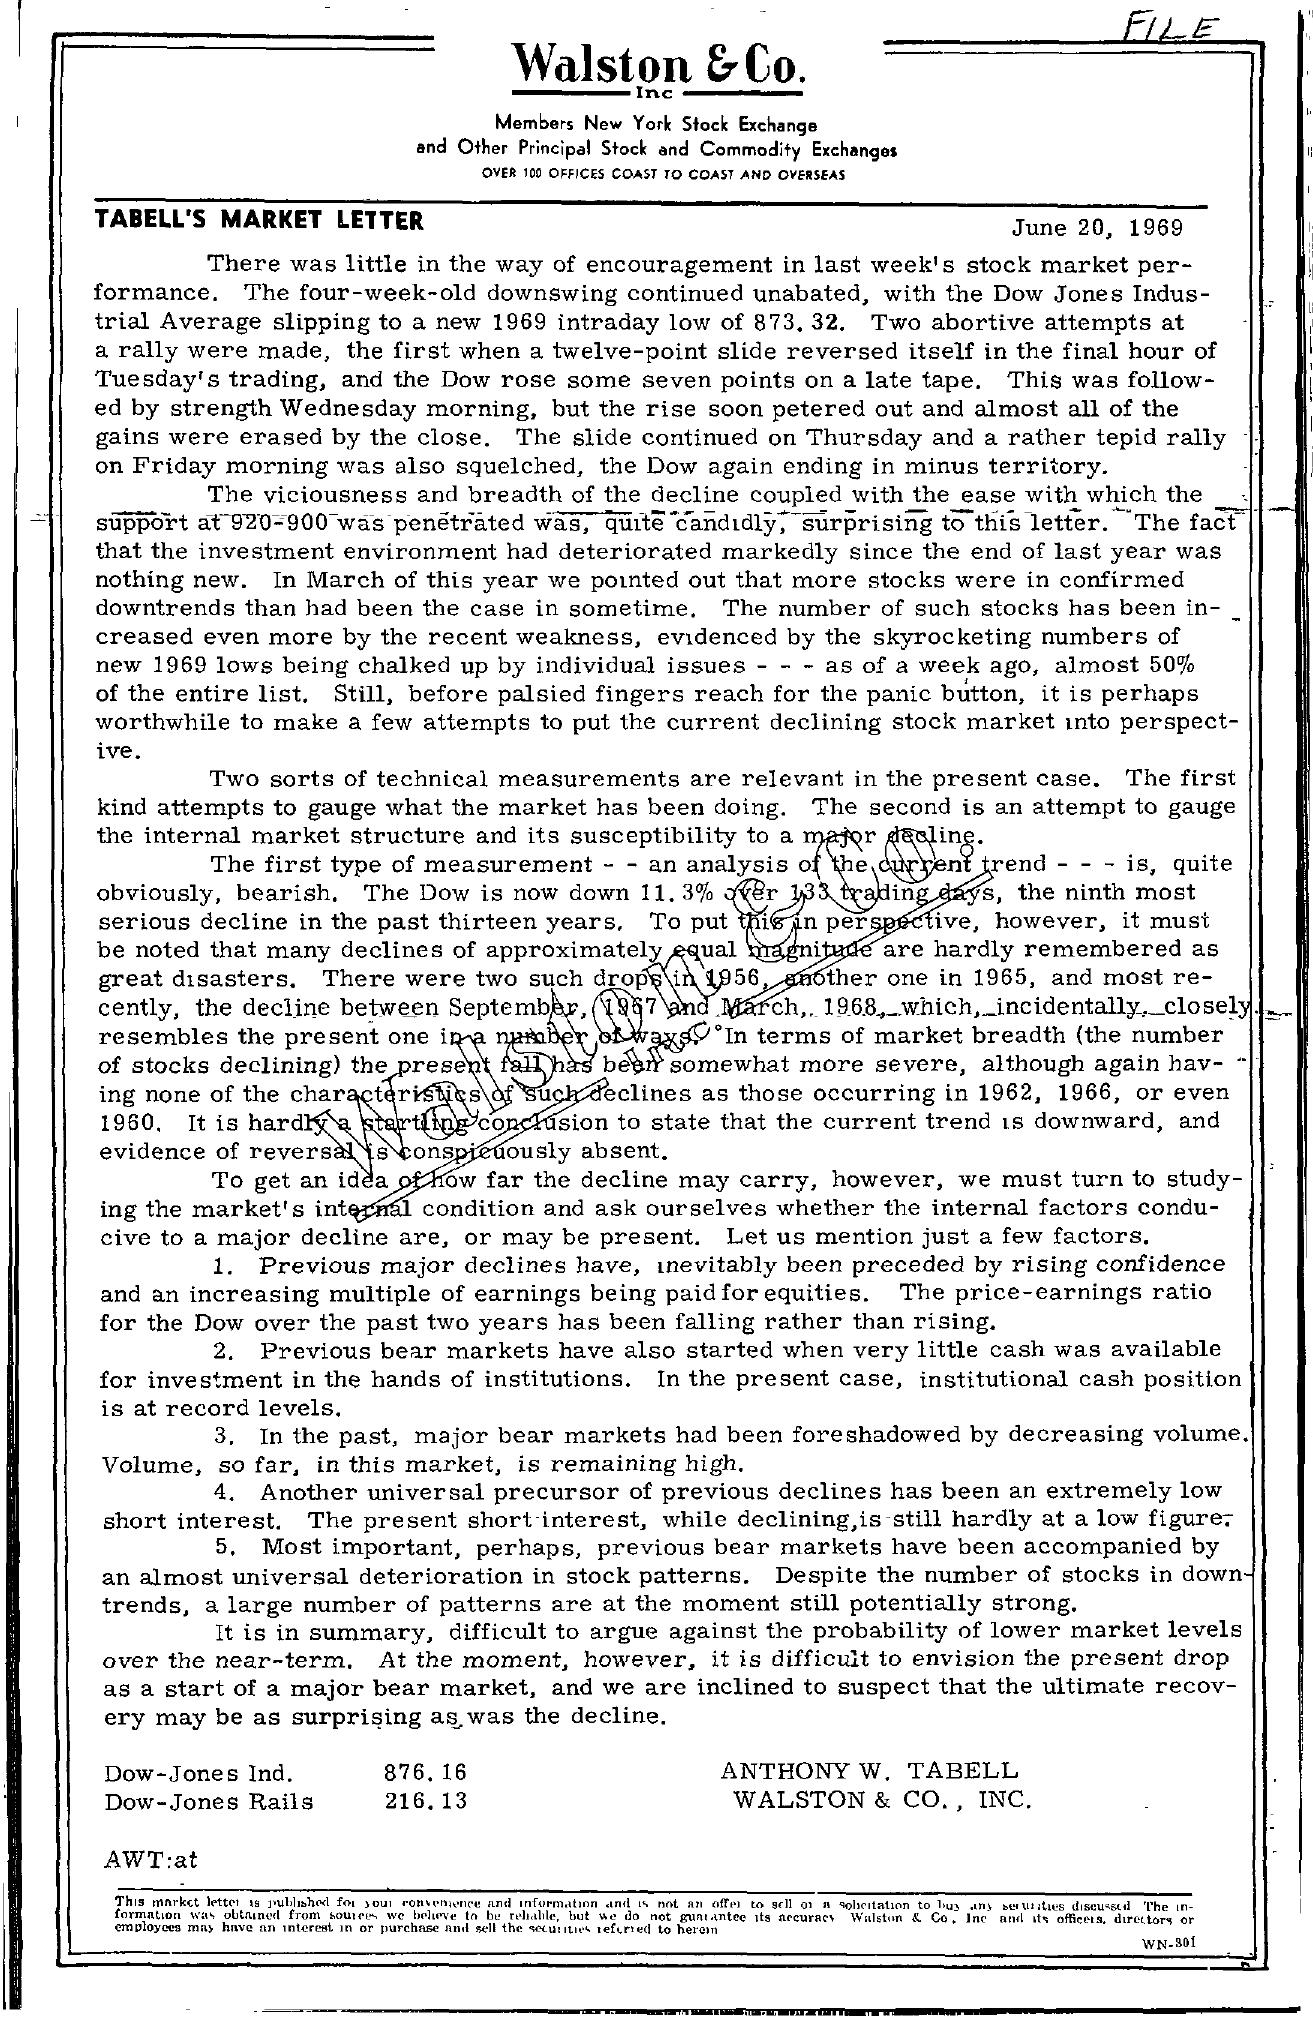 Tabell's Market Letter - June 20, 1969